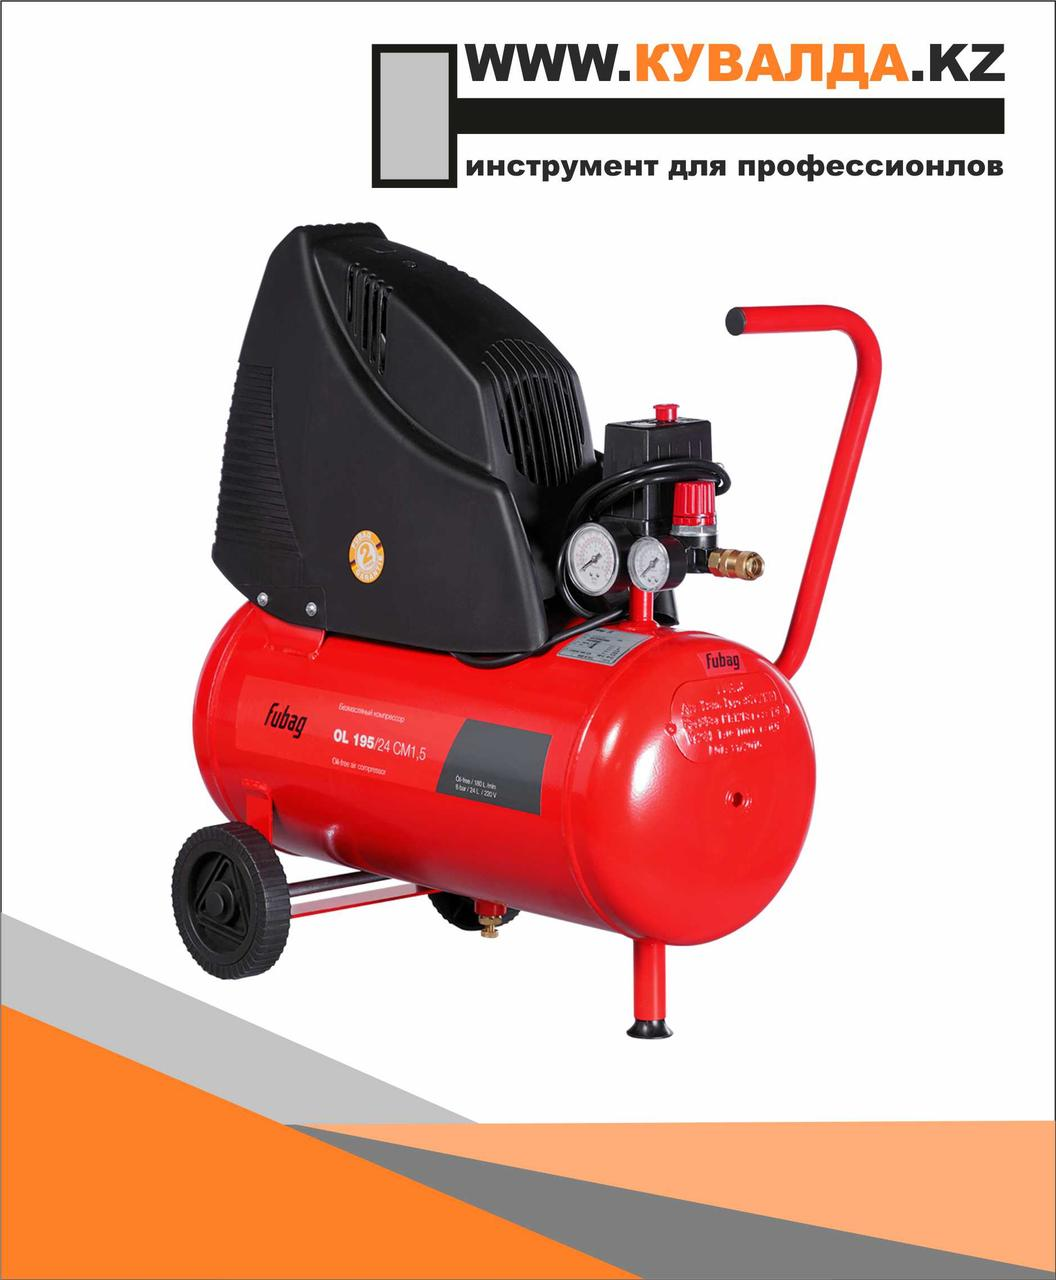 Безмасляный коаксиальный компрессор FUBAG OL 195/24 CM1.5